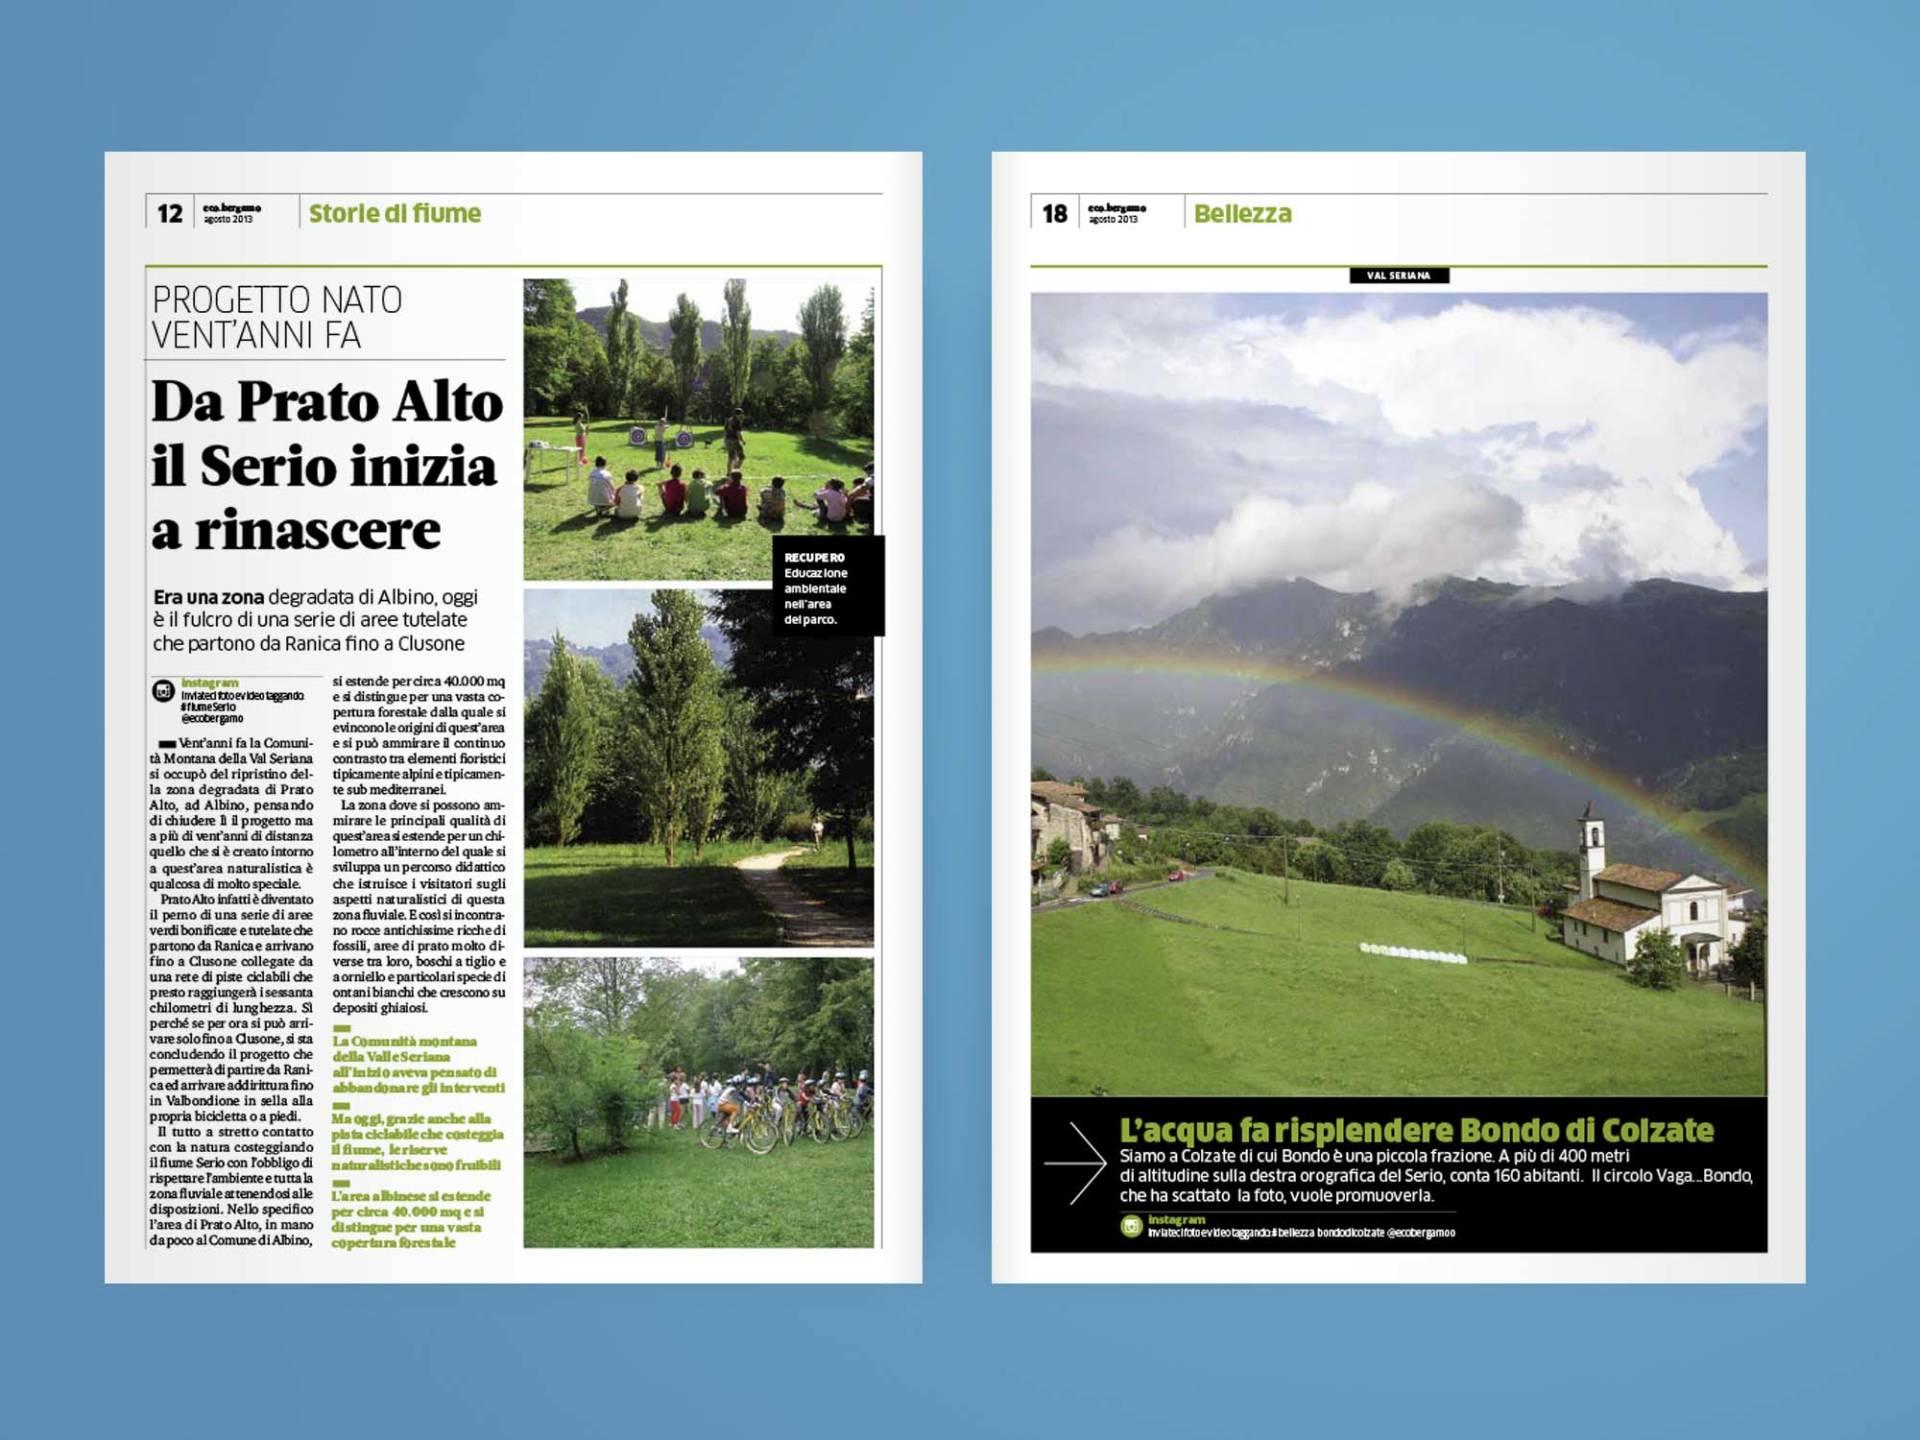 Eco.bergamo_05_Wenceslau_News_Design